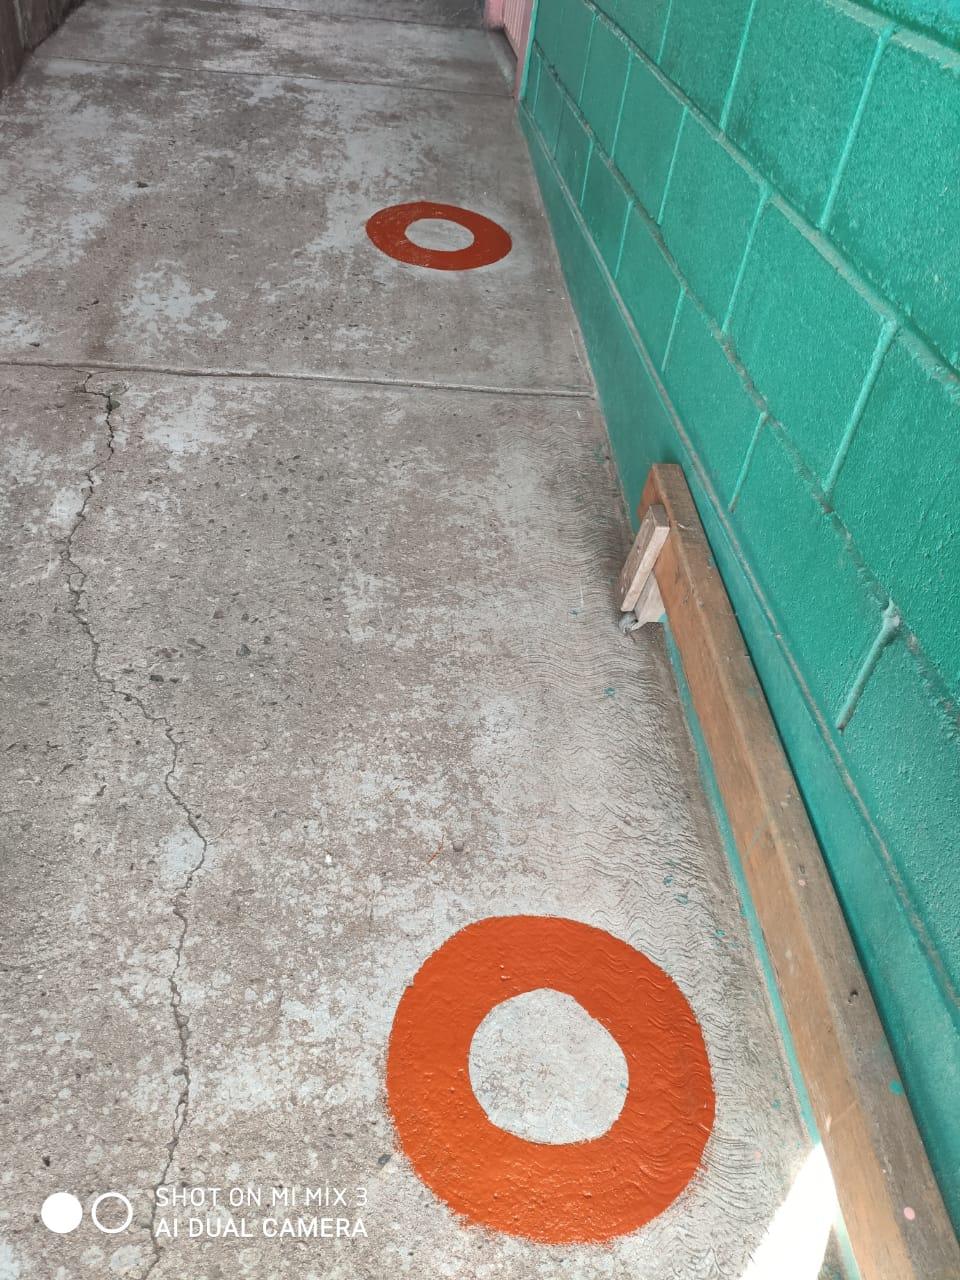 des cercles pour respecter les distances